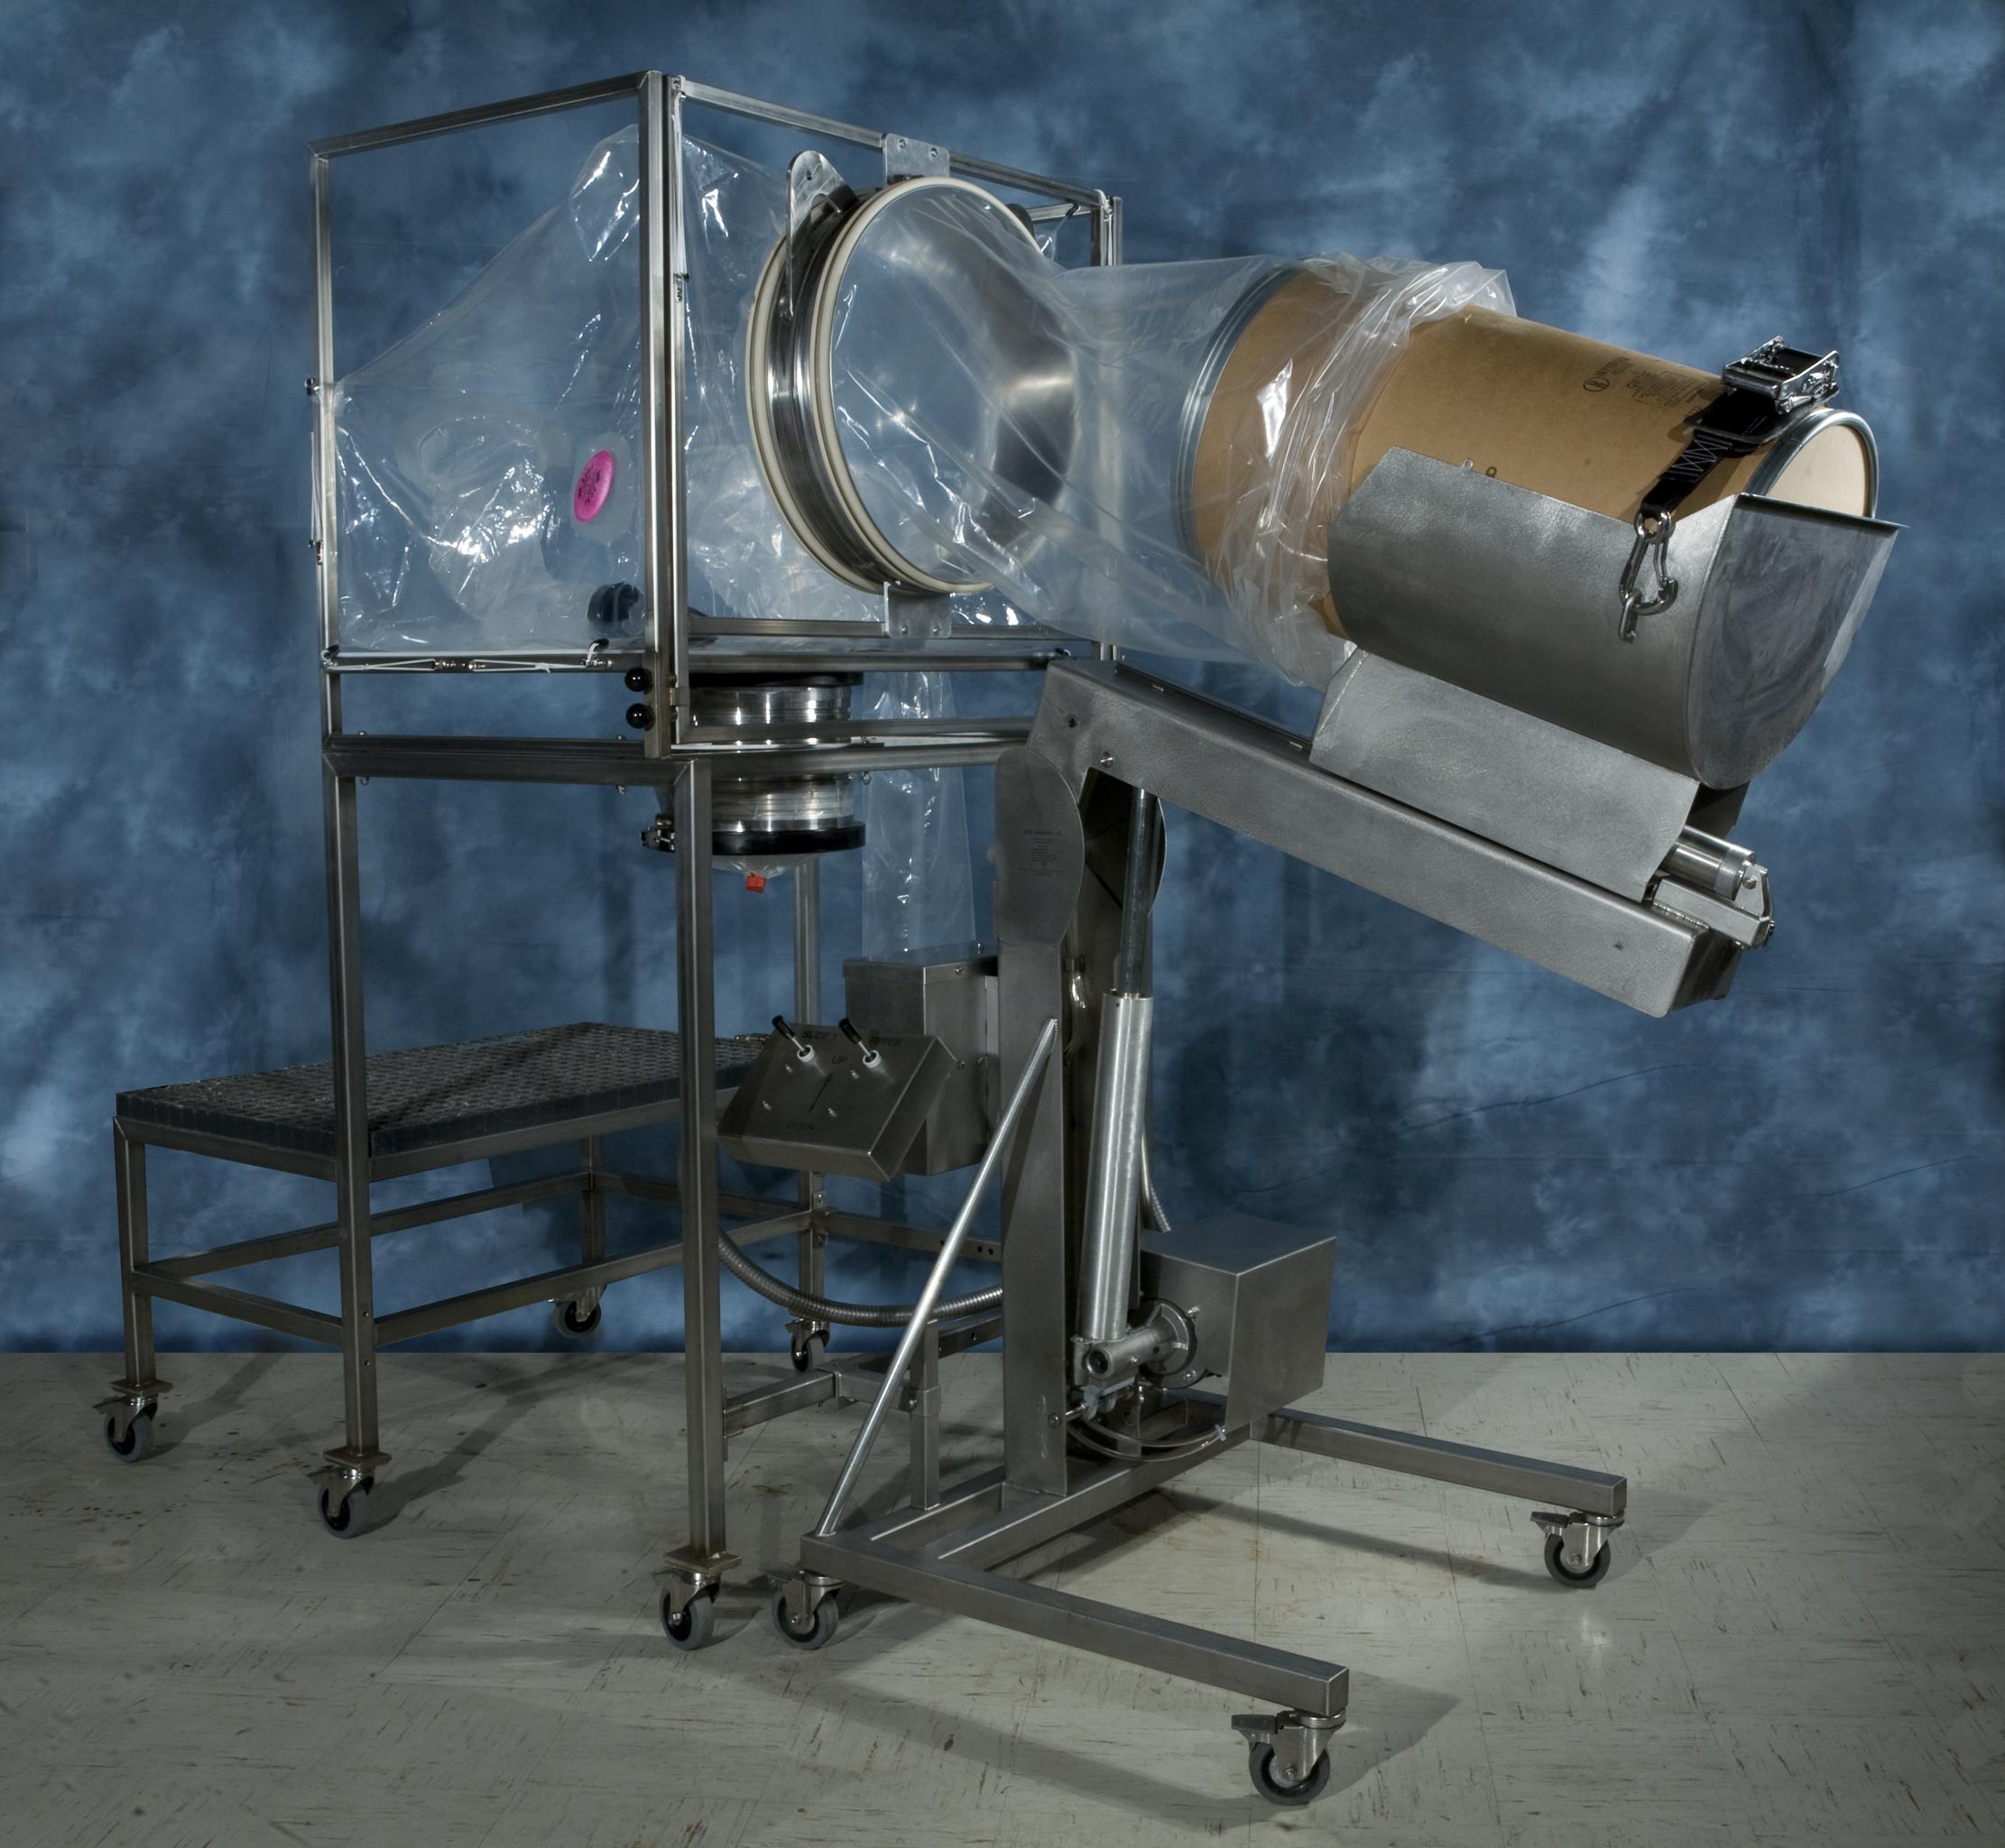 Гибкая герметичная система для загрузки сырья из бочек в технологическое оборудование